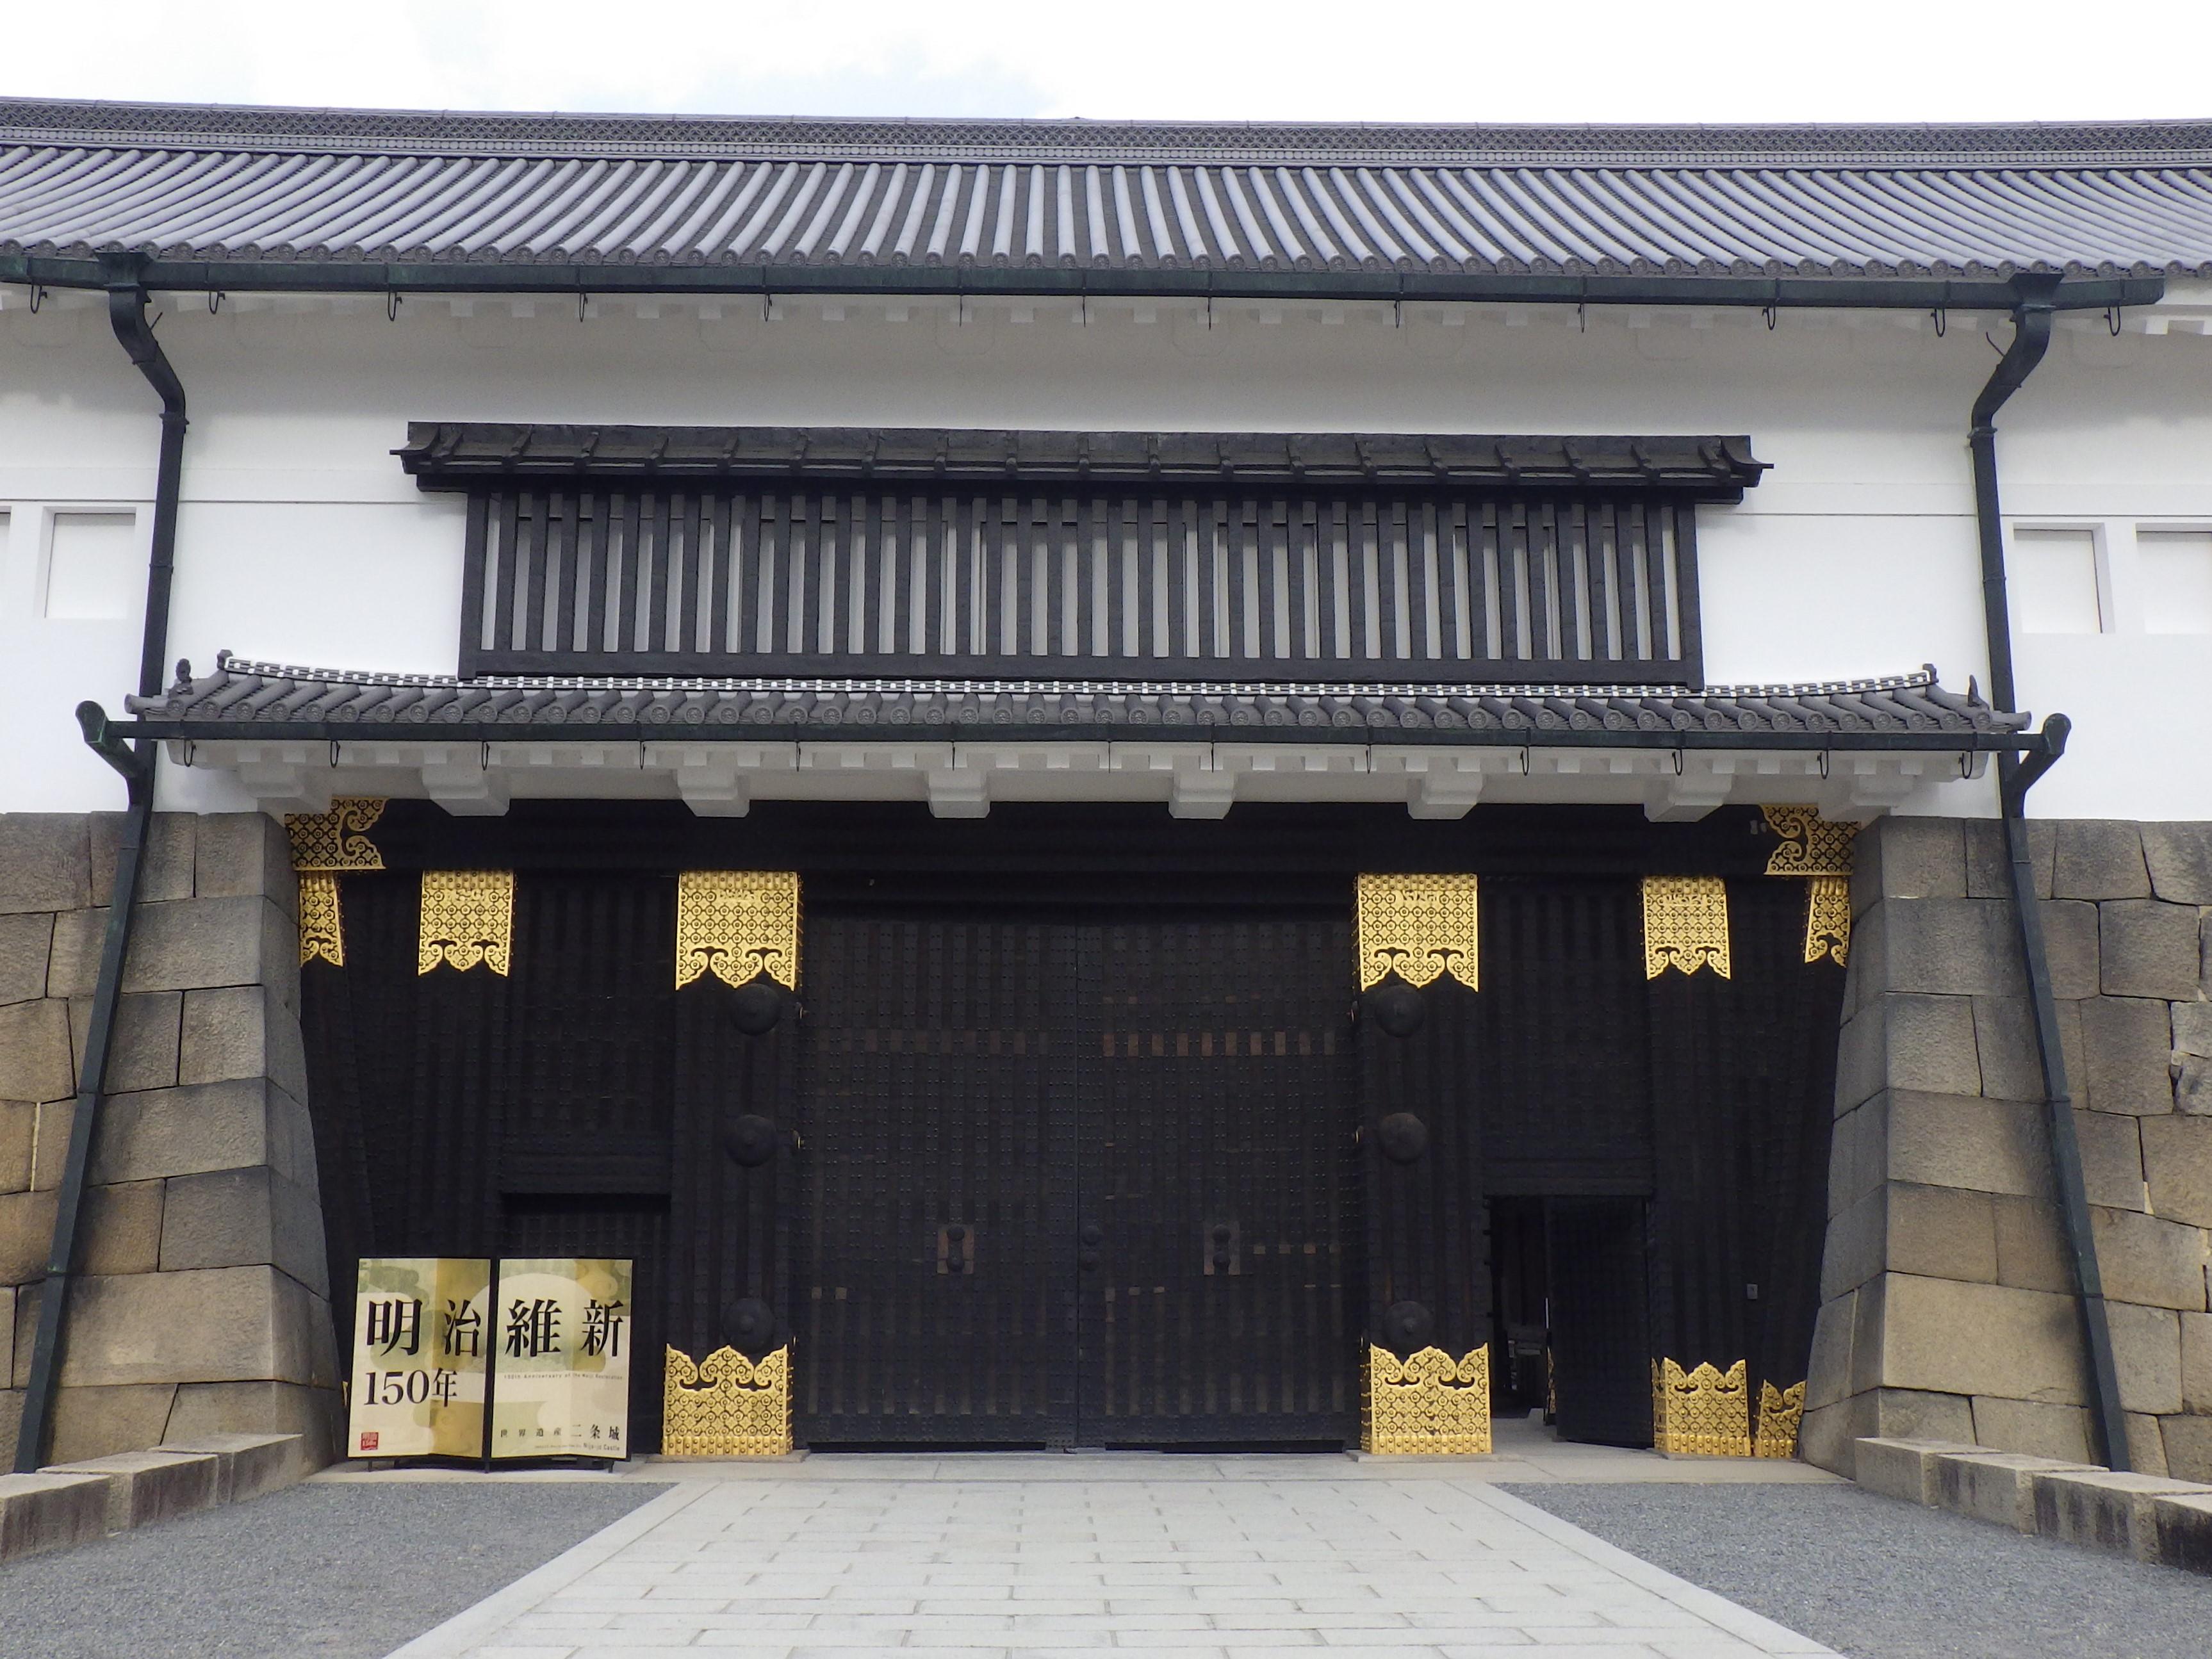 京都市元離宮二条城様 東大手門保存修理工事